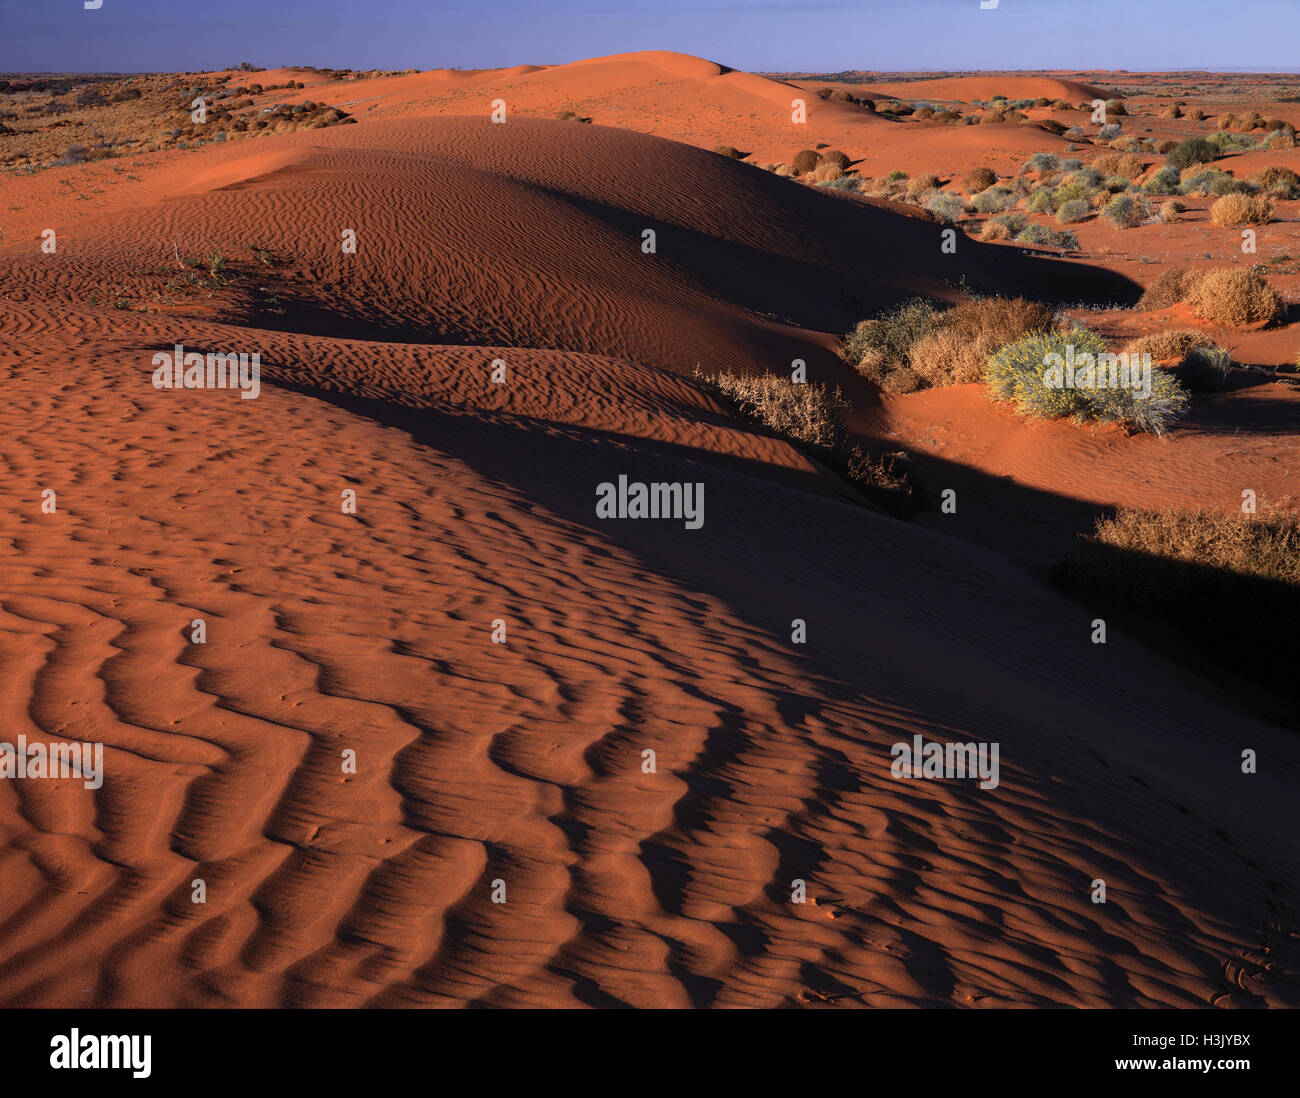 Desert sand dunes, - Stock Image